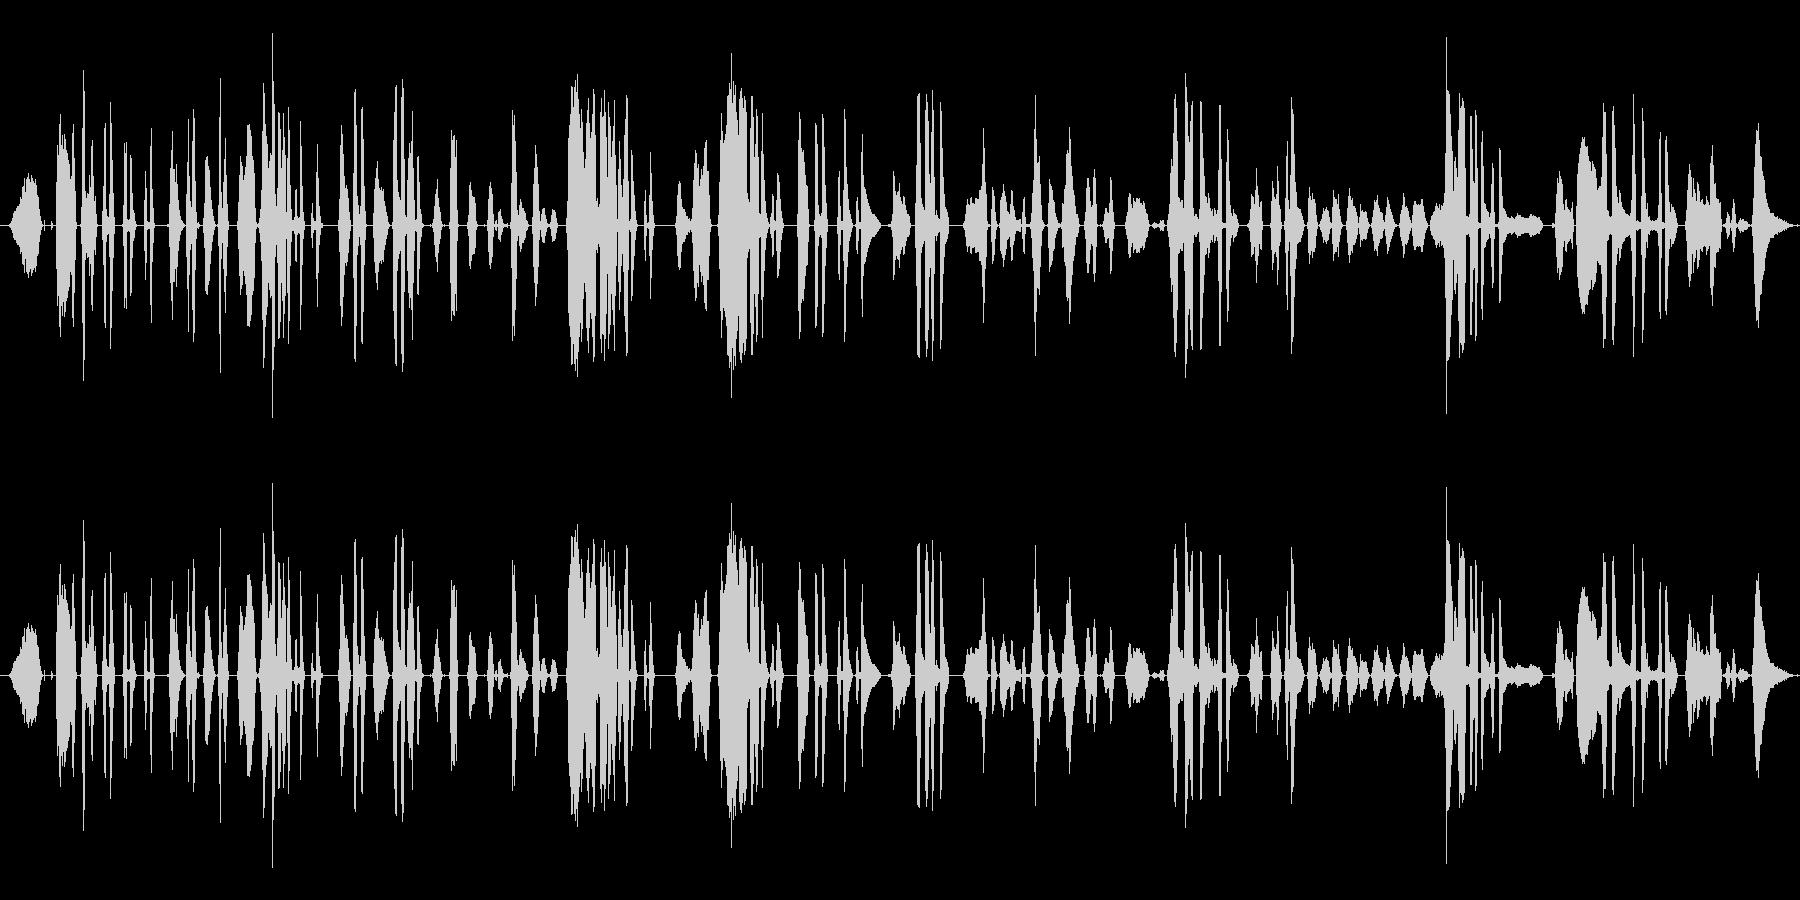 鳴き声 女性の泣き声シーケンス01の未再生の波形